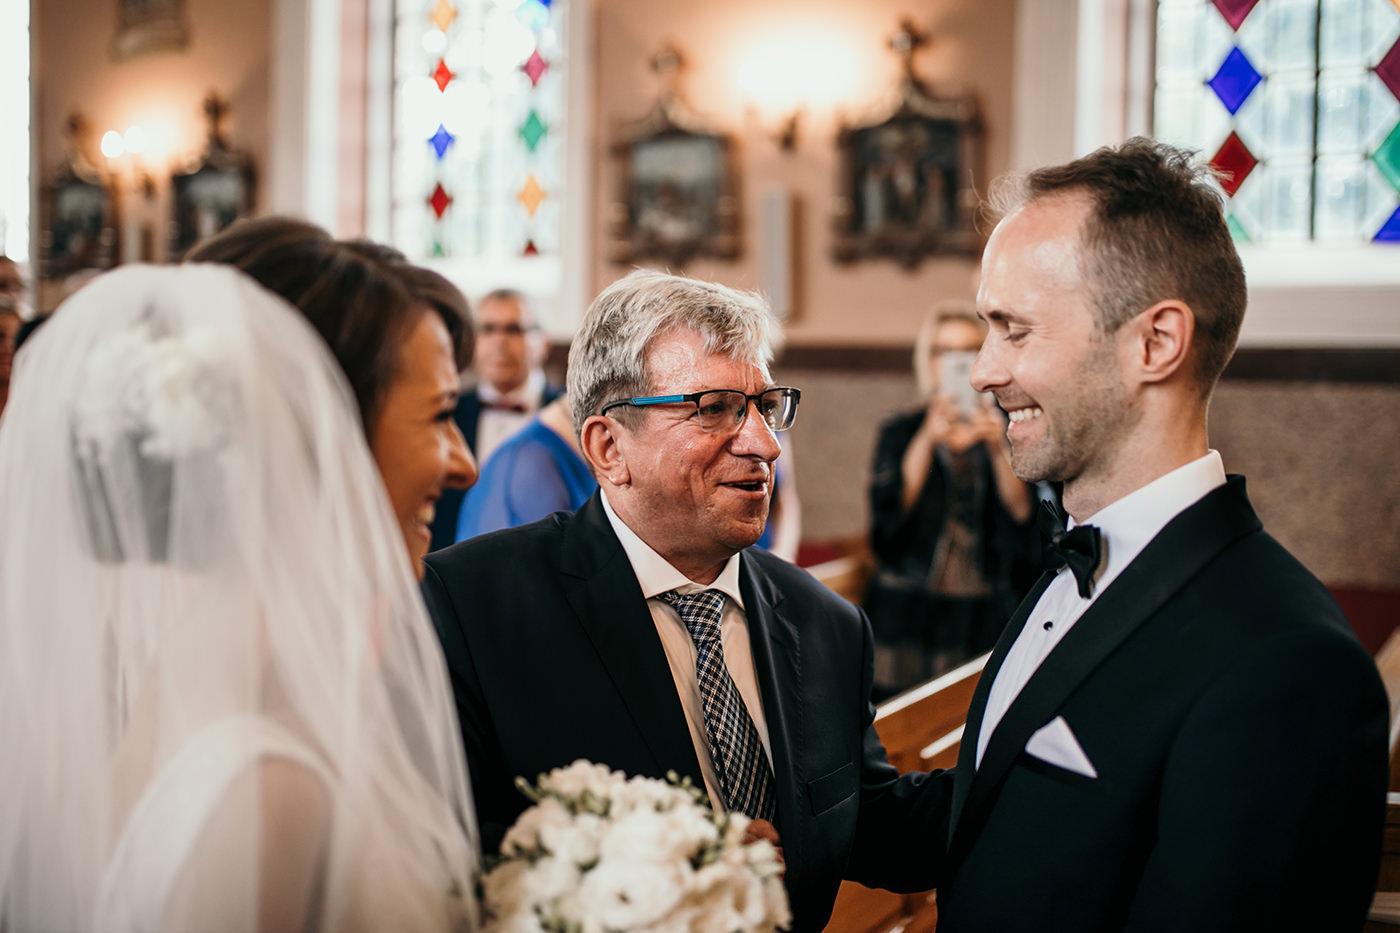 Rustykalne wesele - Magnoliowy Dwór 39